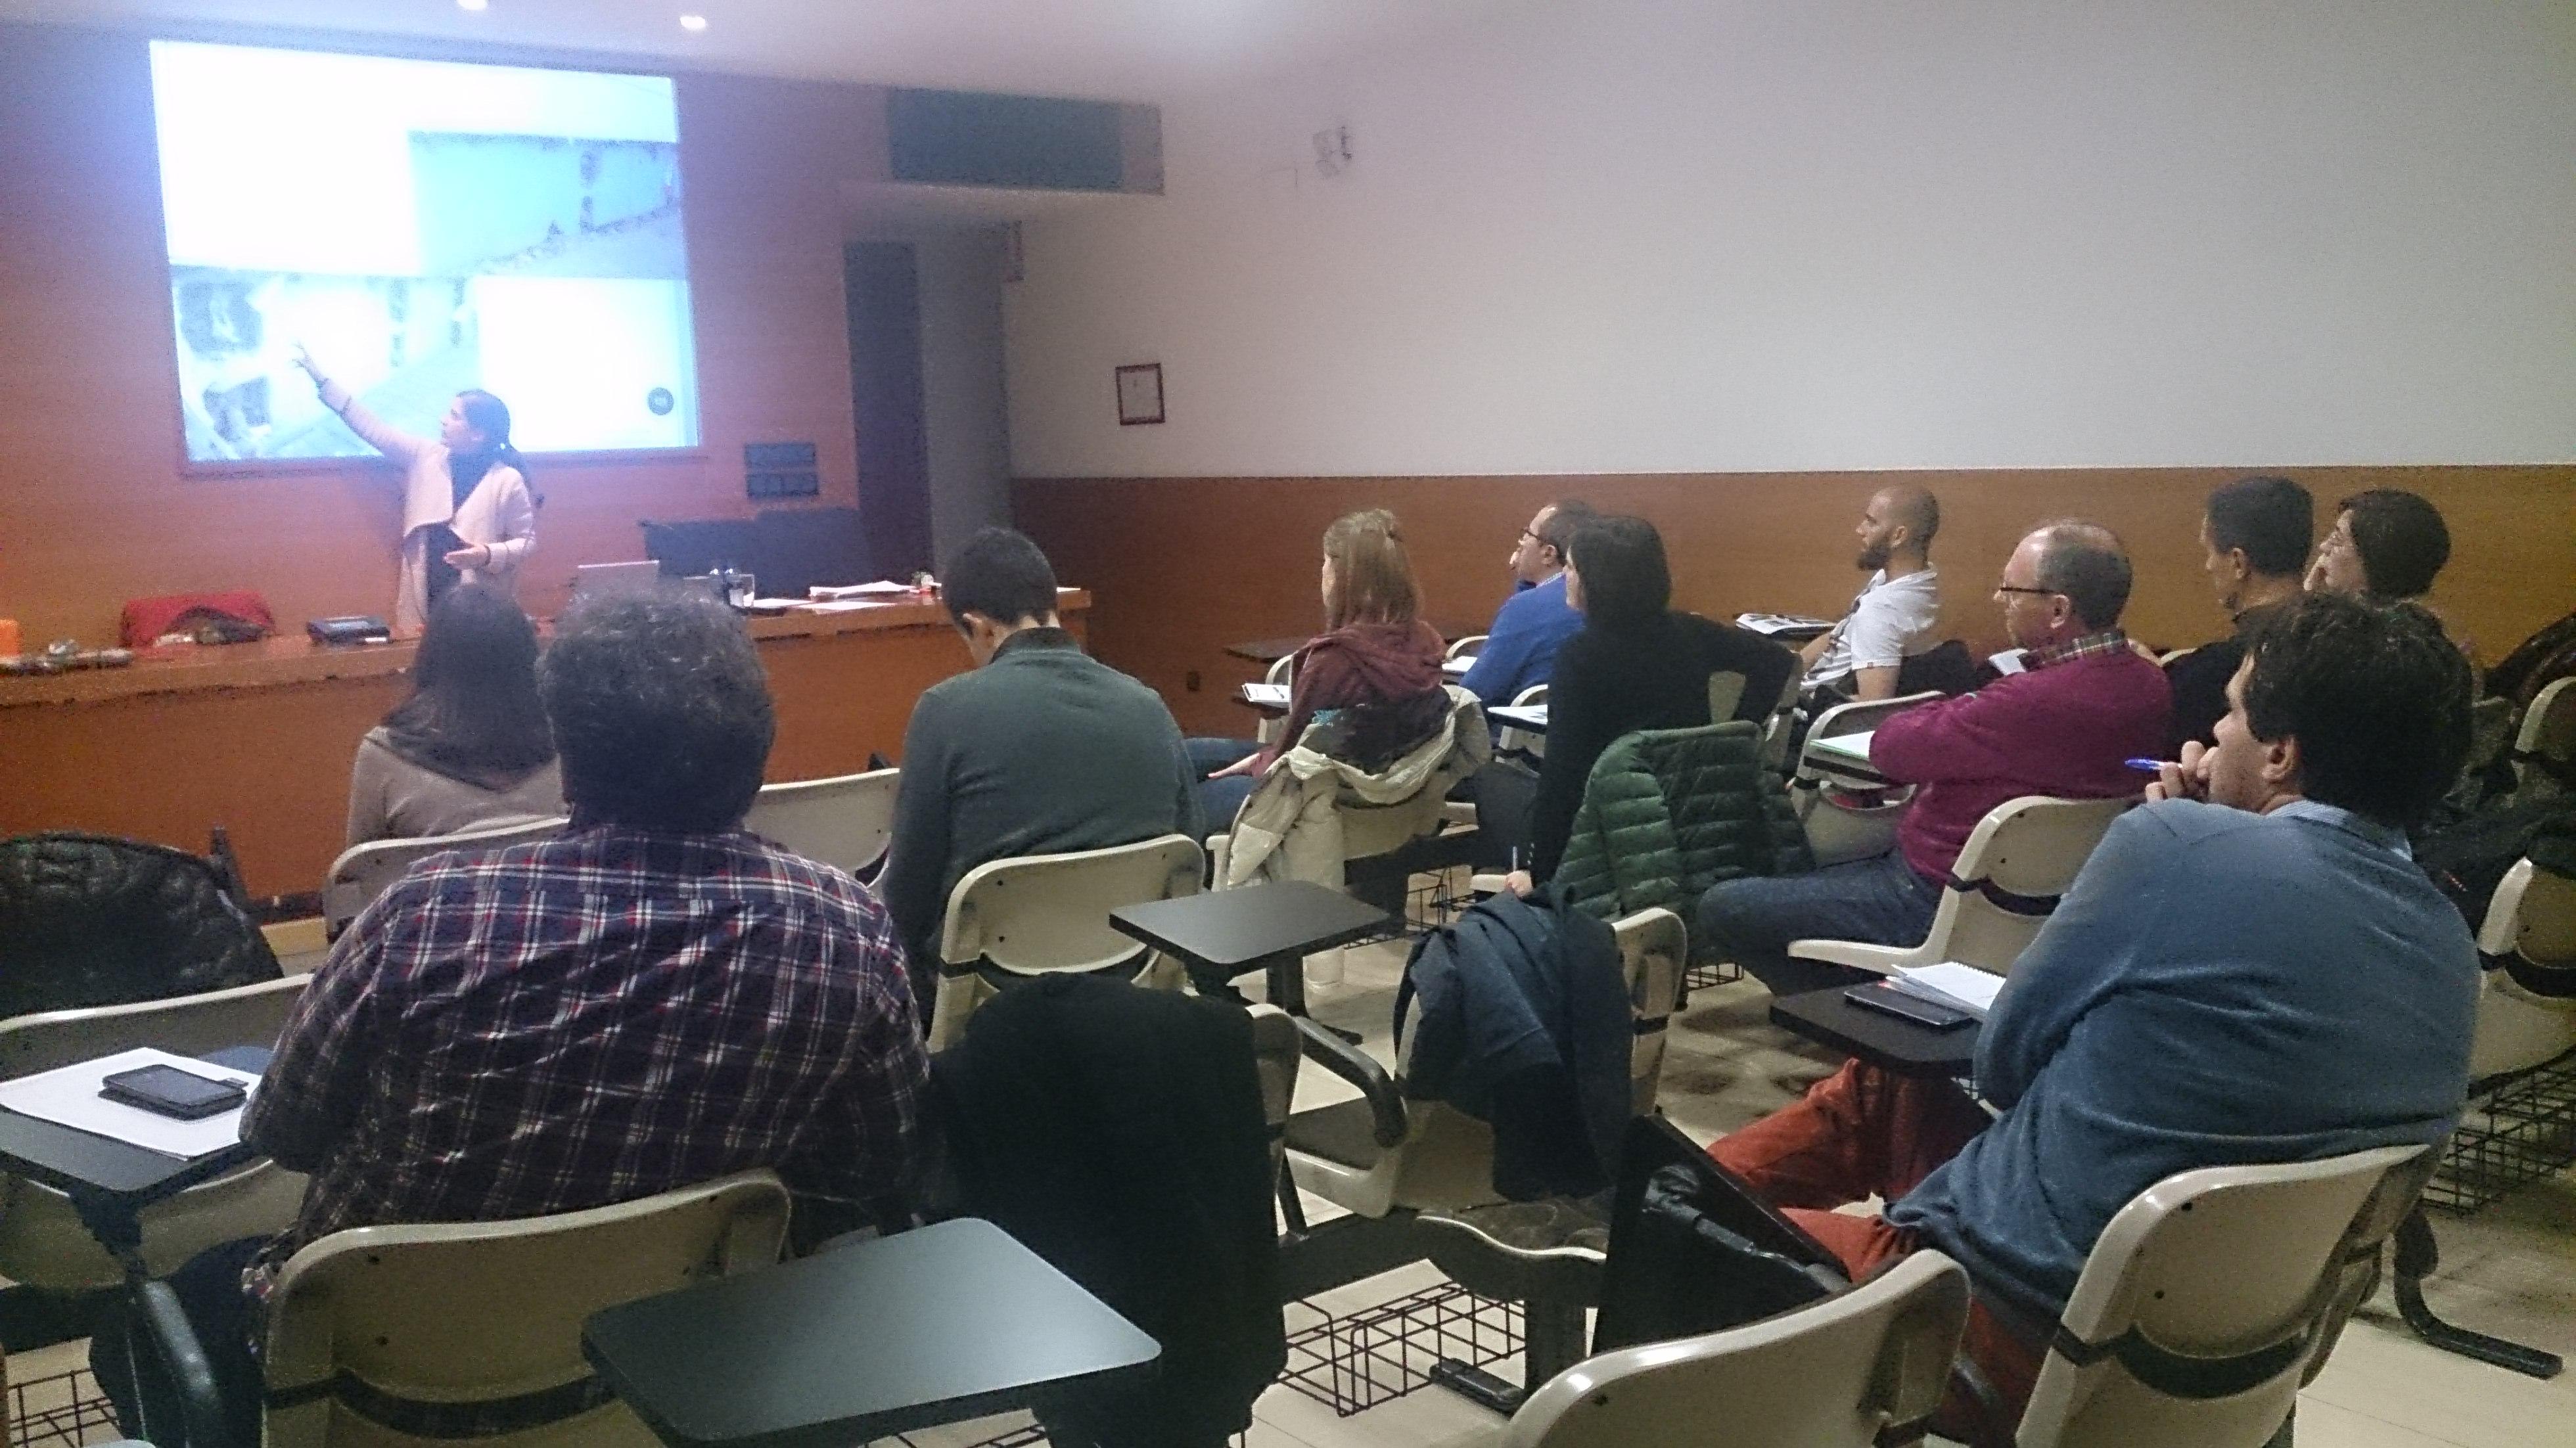 """foto noticia: Kursaal Green ha impartido el curso """"Fachadas Ventiladas: Ejecución y Patologías"""" en el COAAT de Álava"""